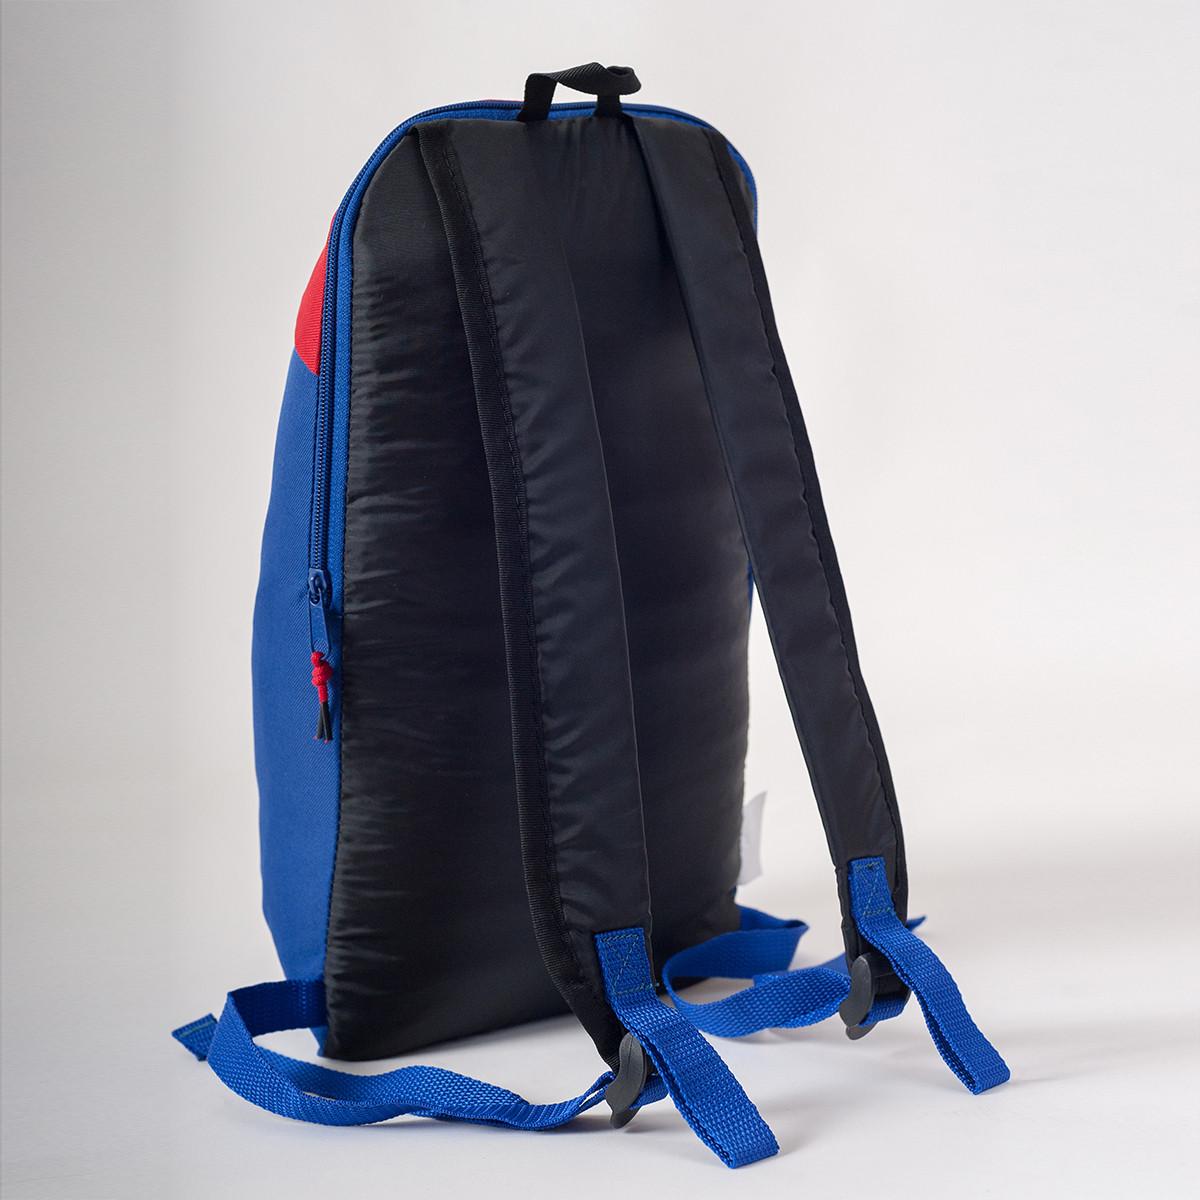 Спортивный рюкзак MAYERS 10L, синий + красный, фото 3